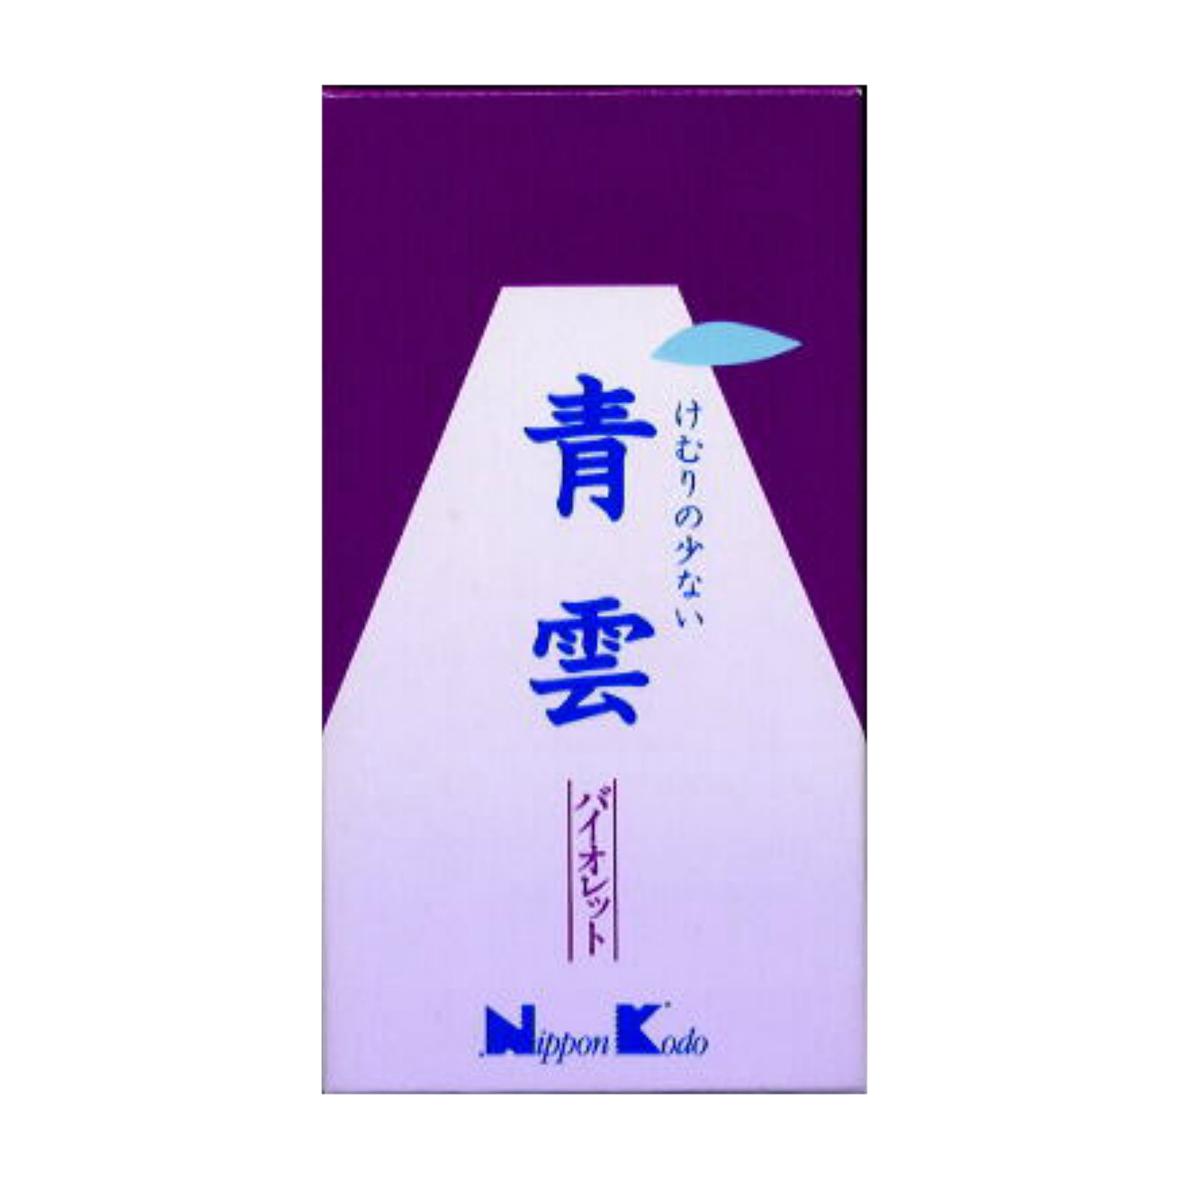 【送料無料】日本香堂 青雲 バイオレット バラ詰 #219 155G×60点セット まとめ買い特価!ケース販売 ( 4902125219007 )